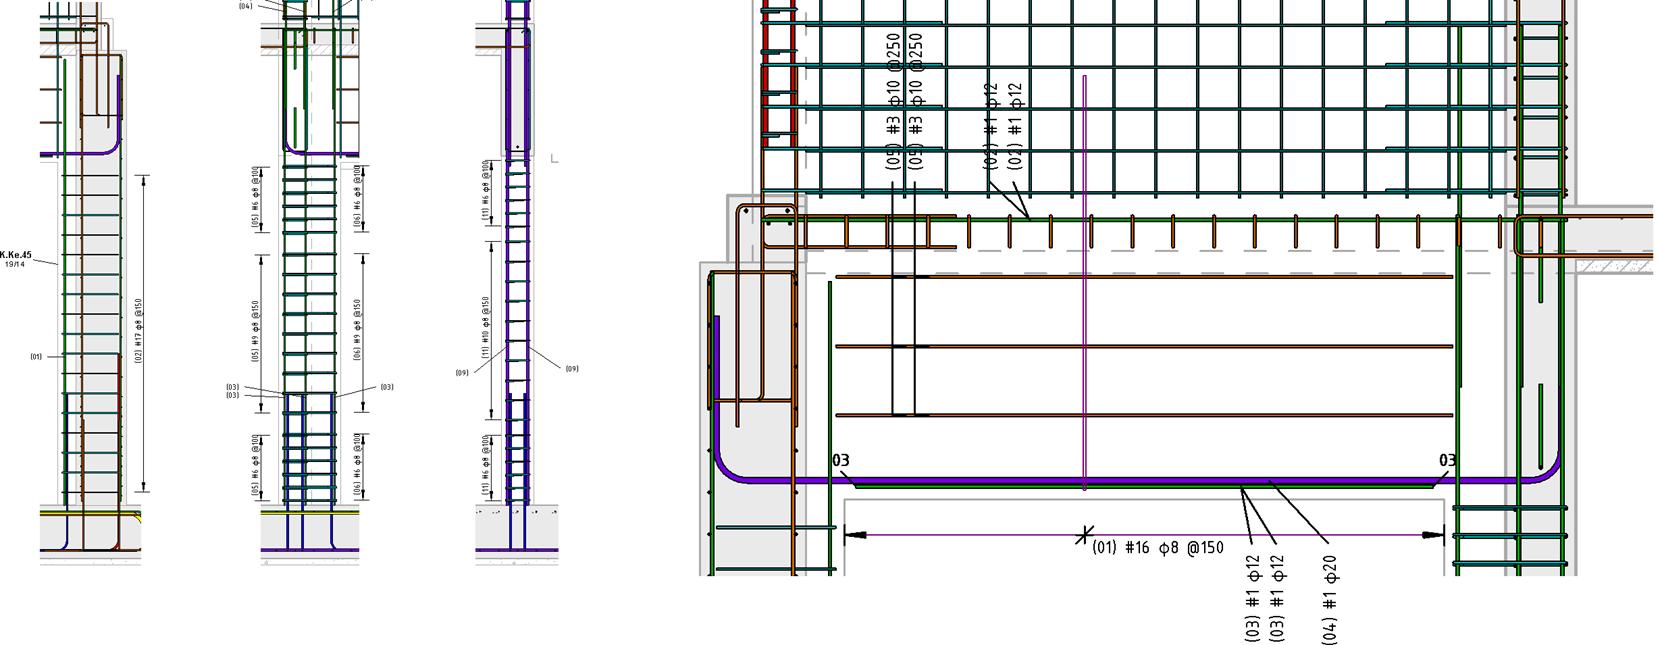 Rebar Detailing In Revit Use Case By Vk Engineers Bim